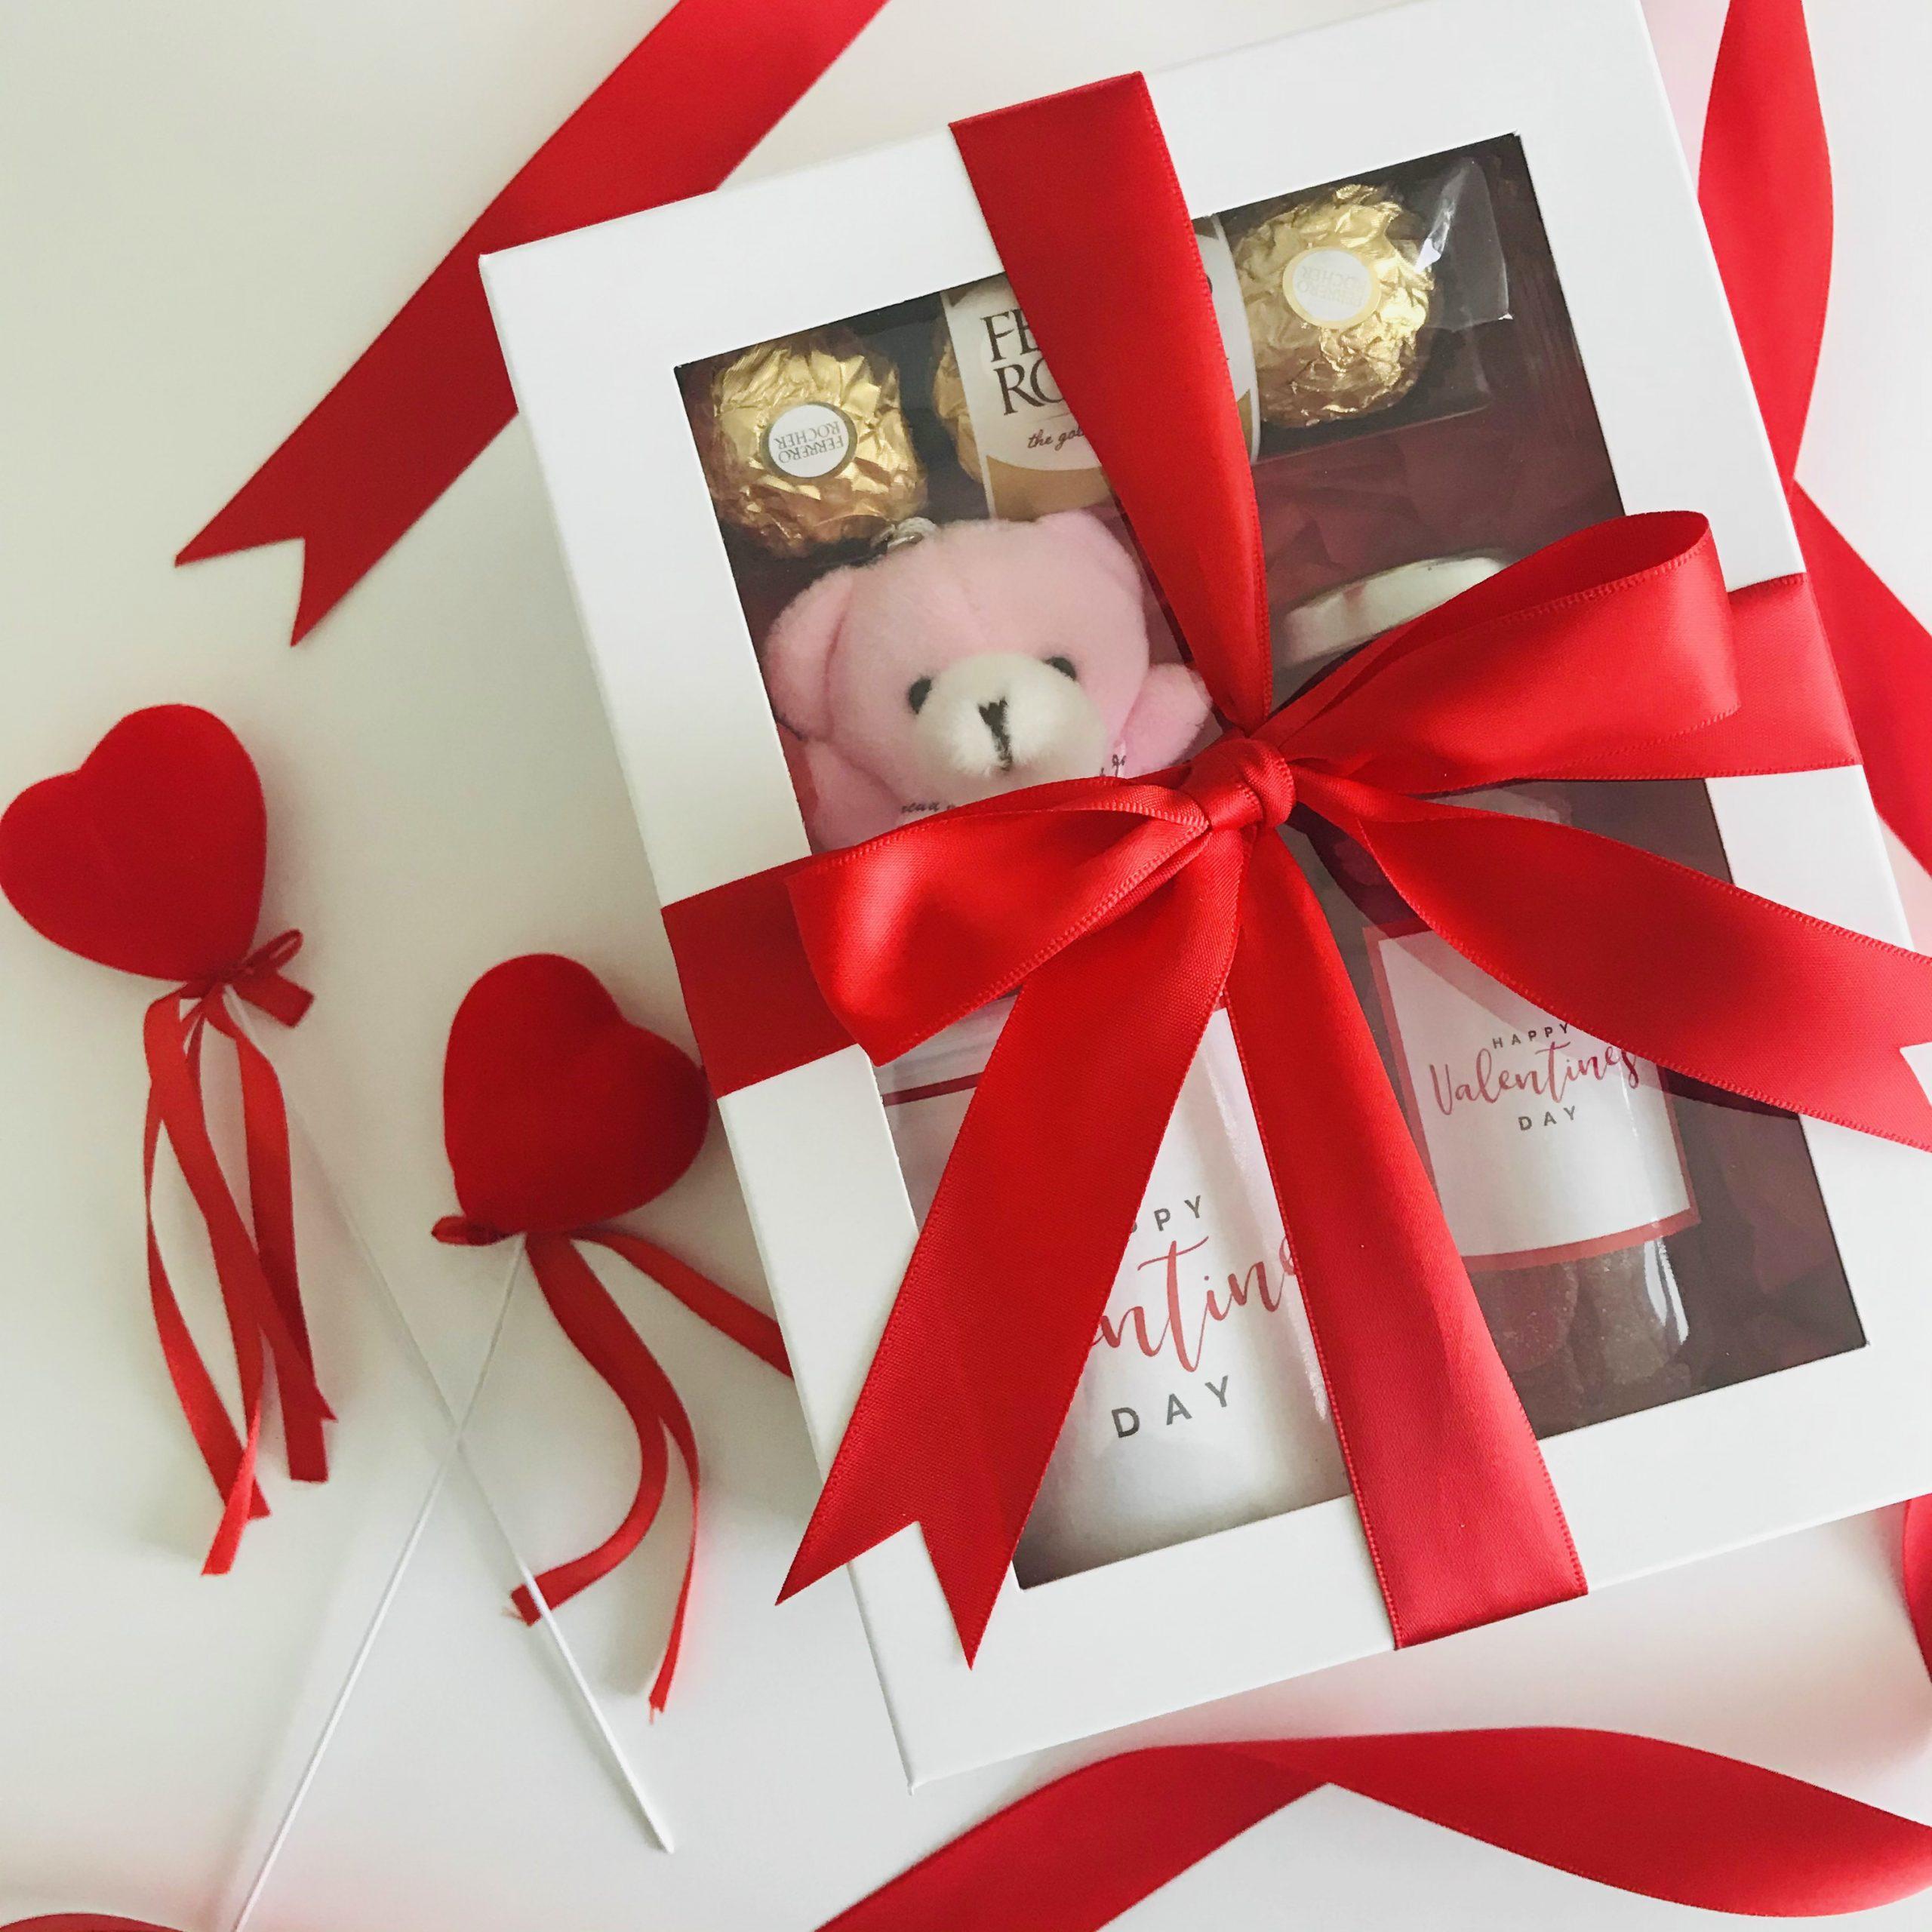 Be My Valentine Gift Box 2